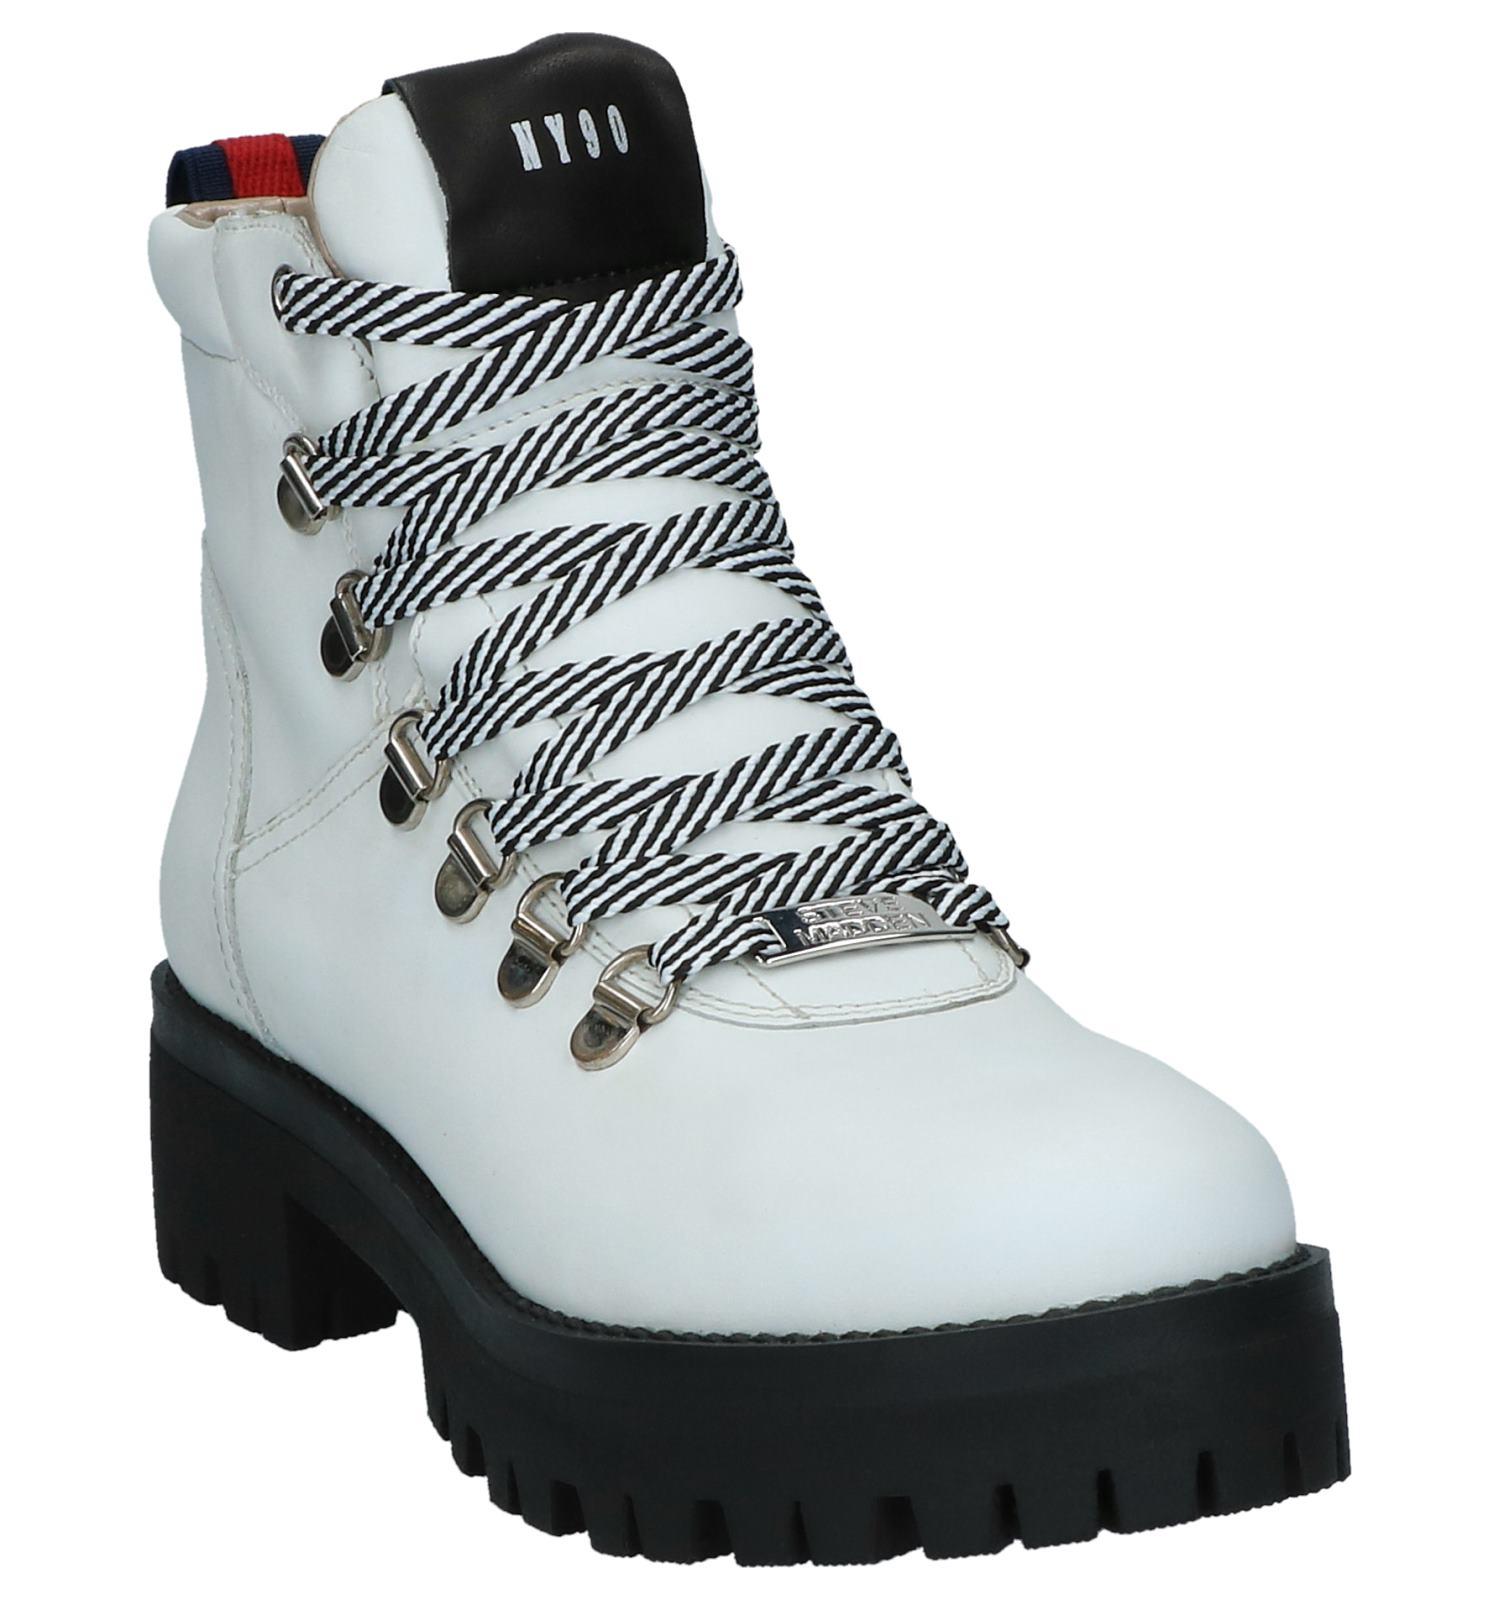 Boots Boomer Witte Madden Steve KJlT5uF13c